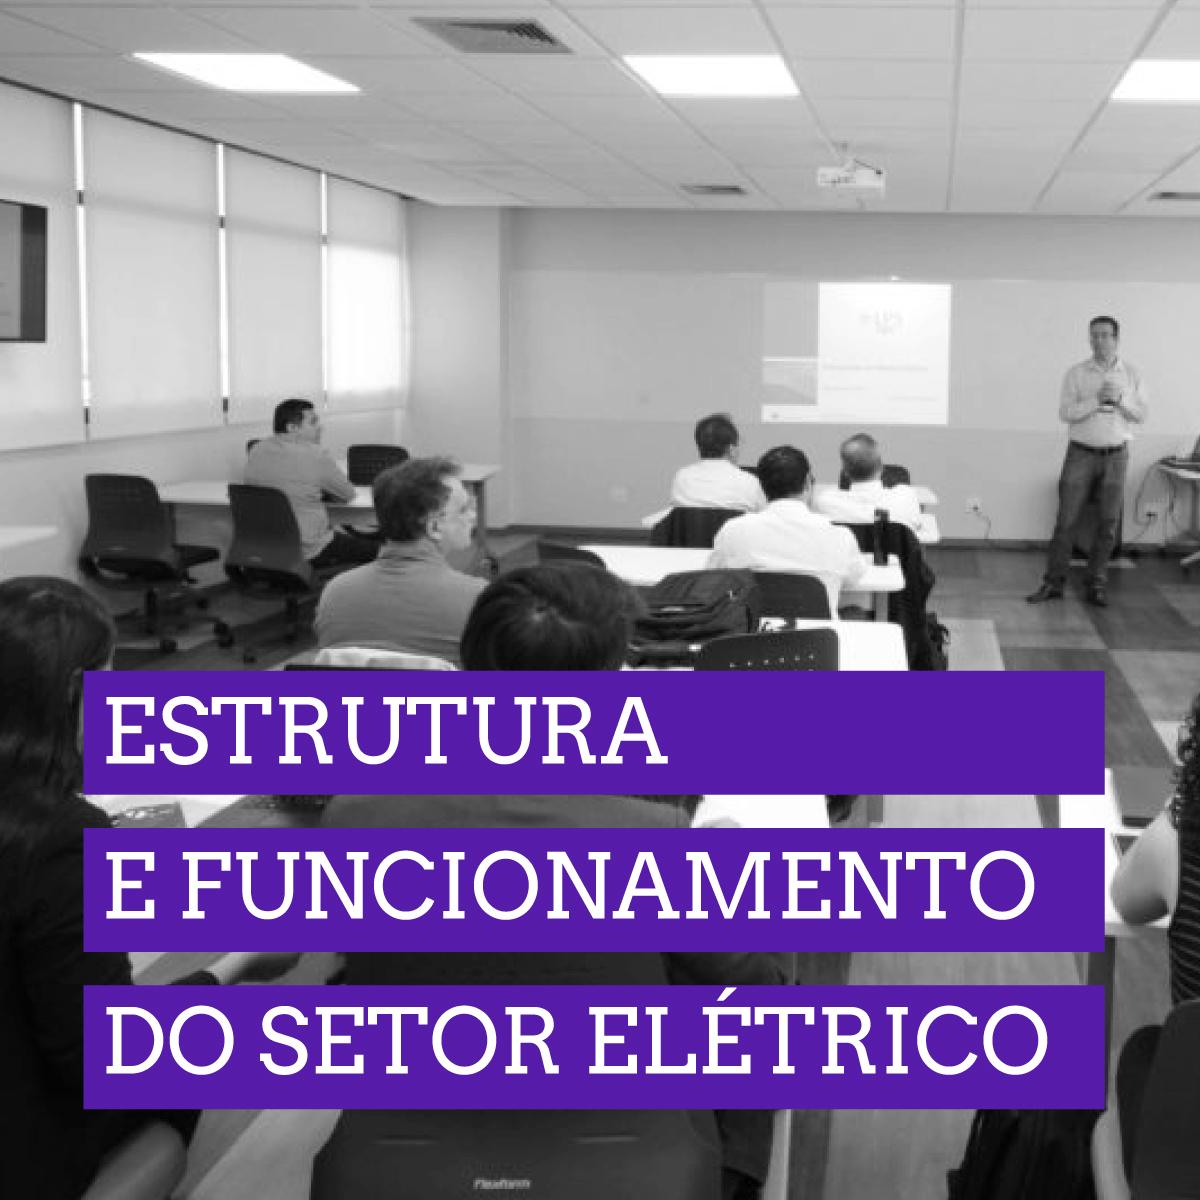 Estrutura e funcionamento do setor elétrico - presencial